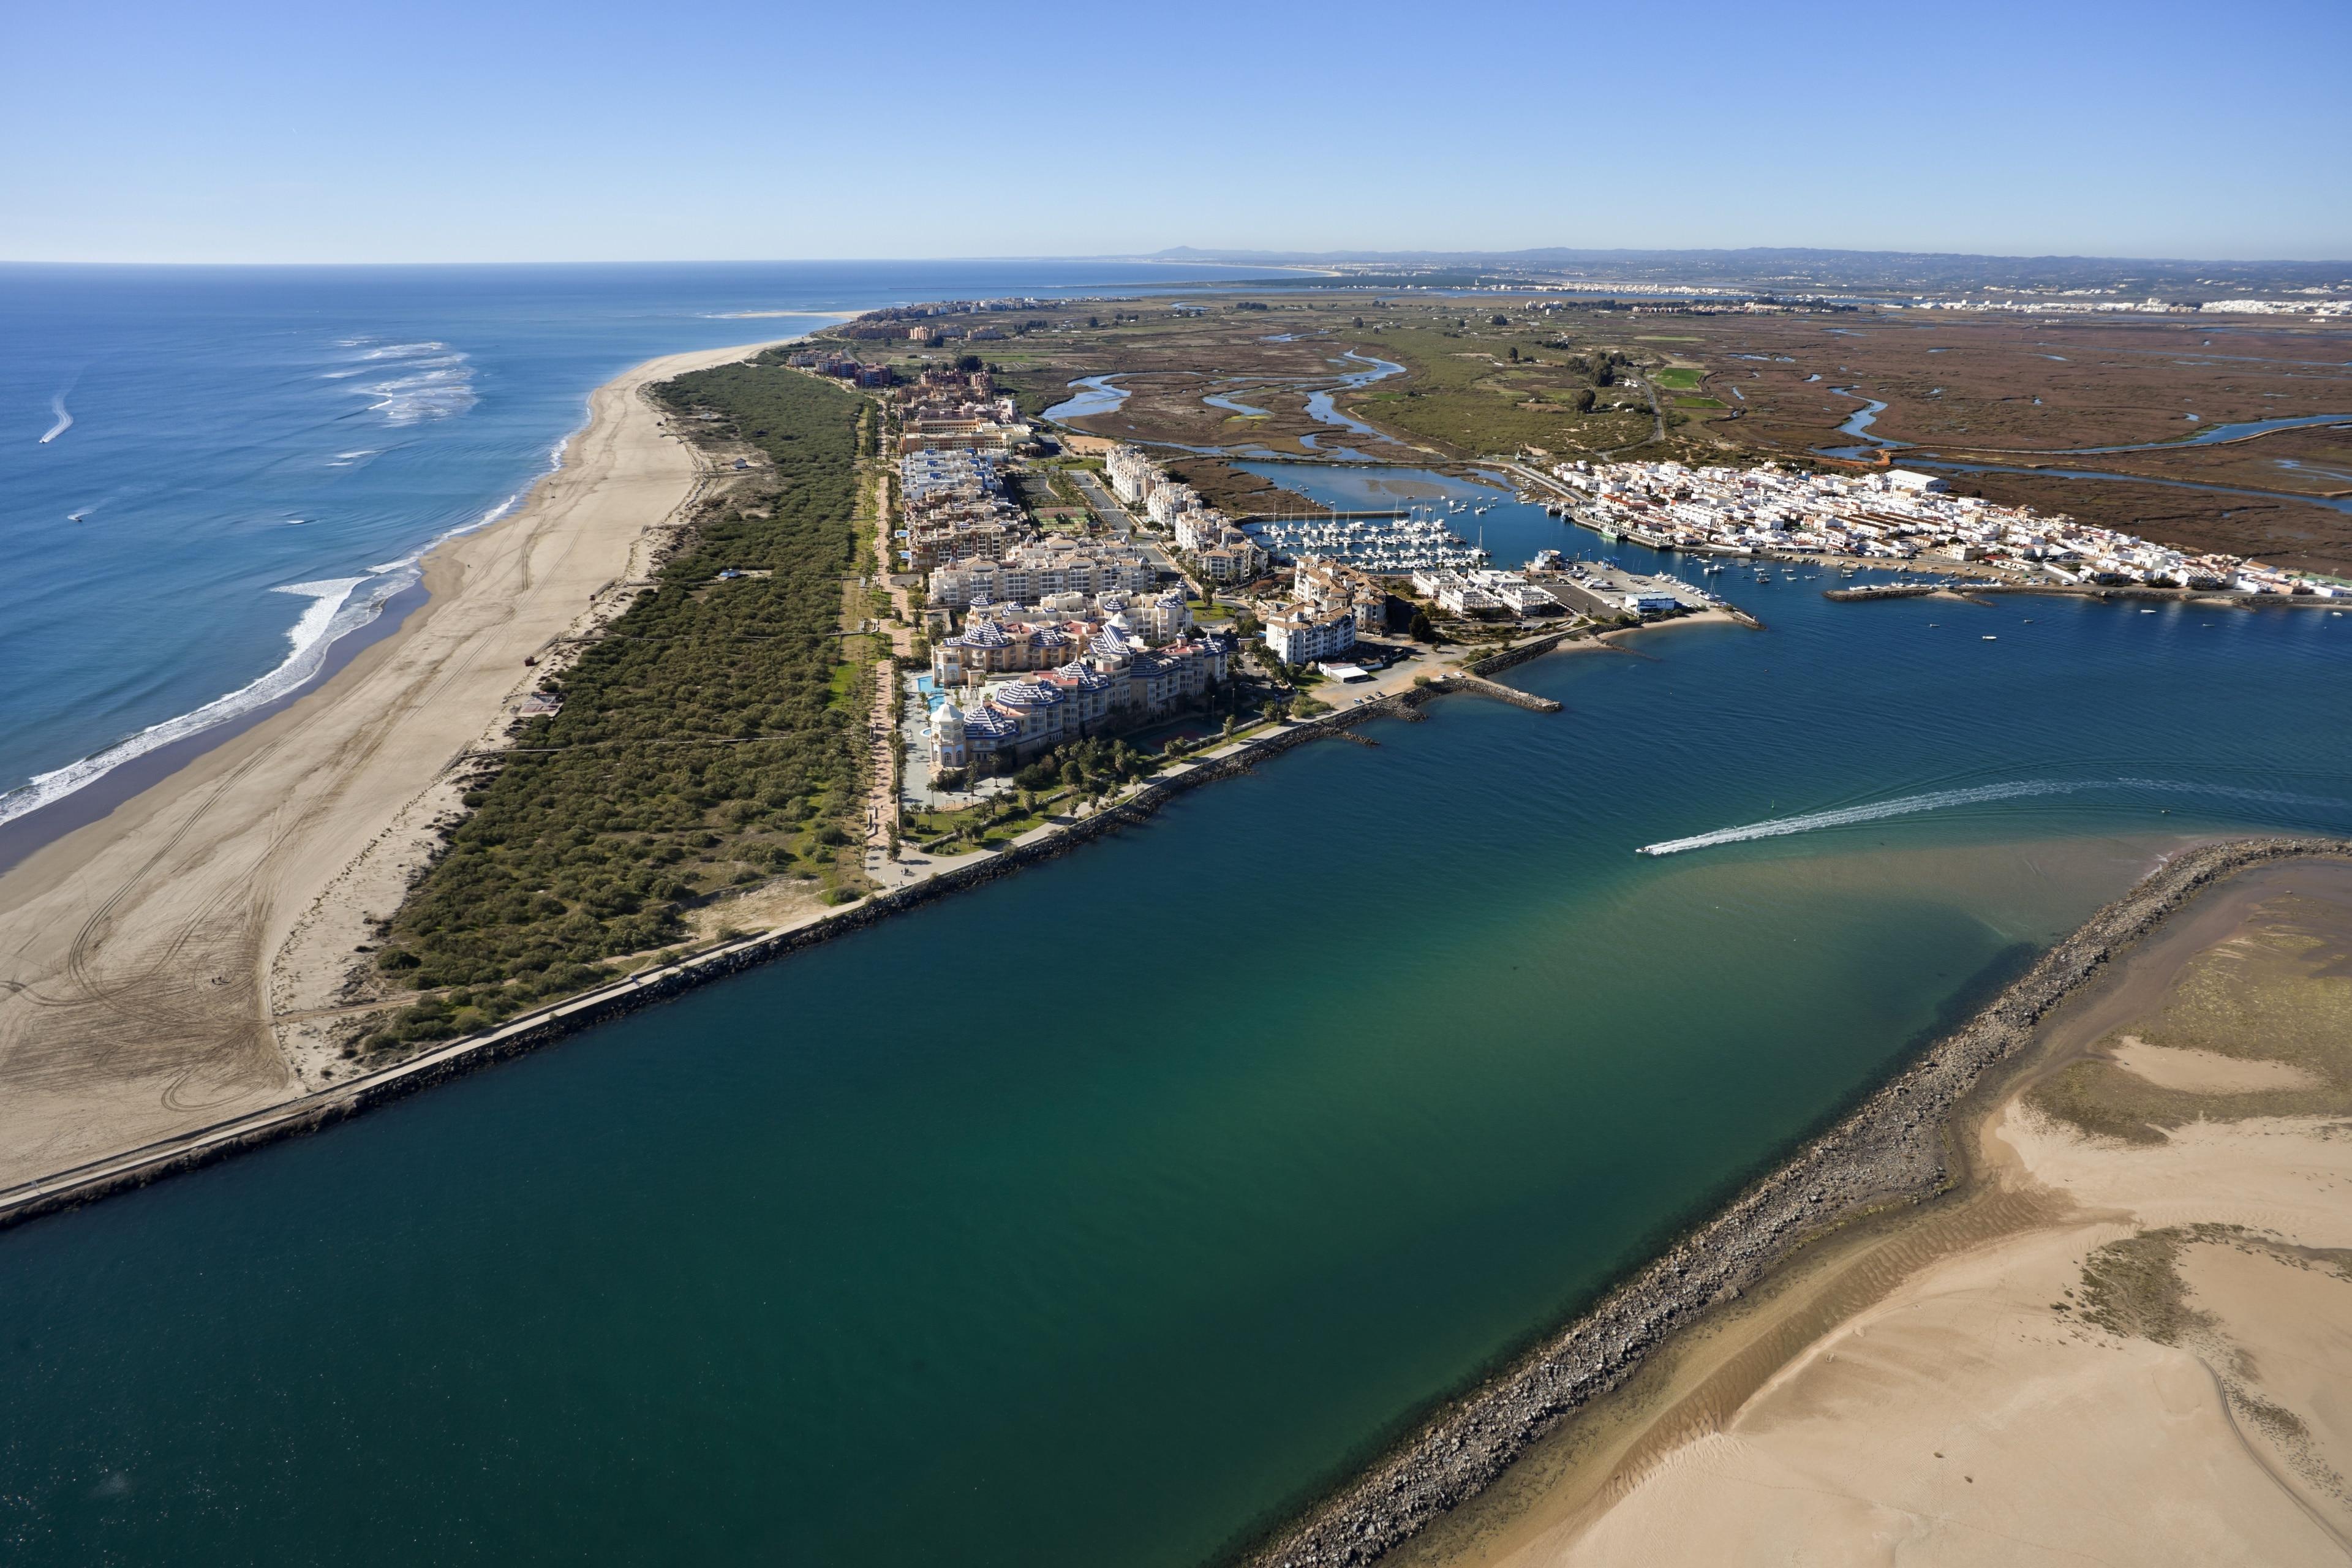 Isla Canela, Andalusia, Spain